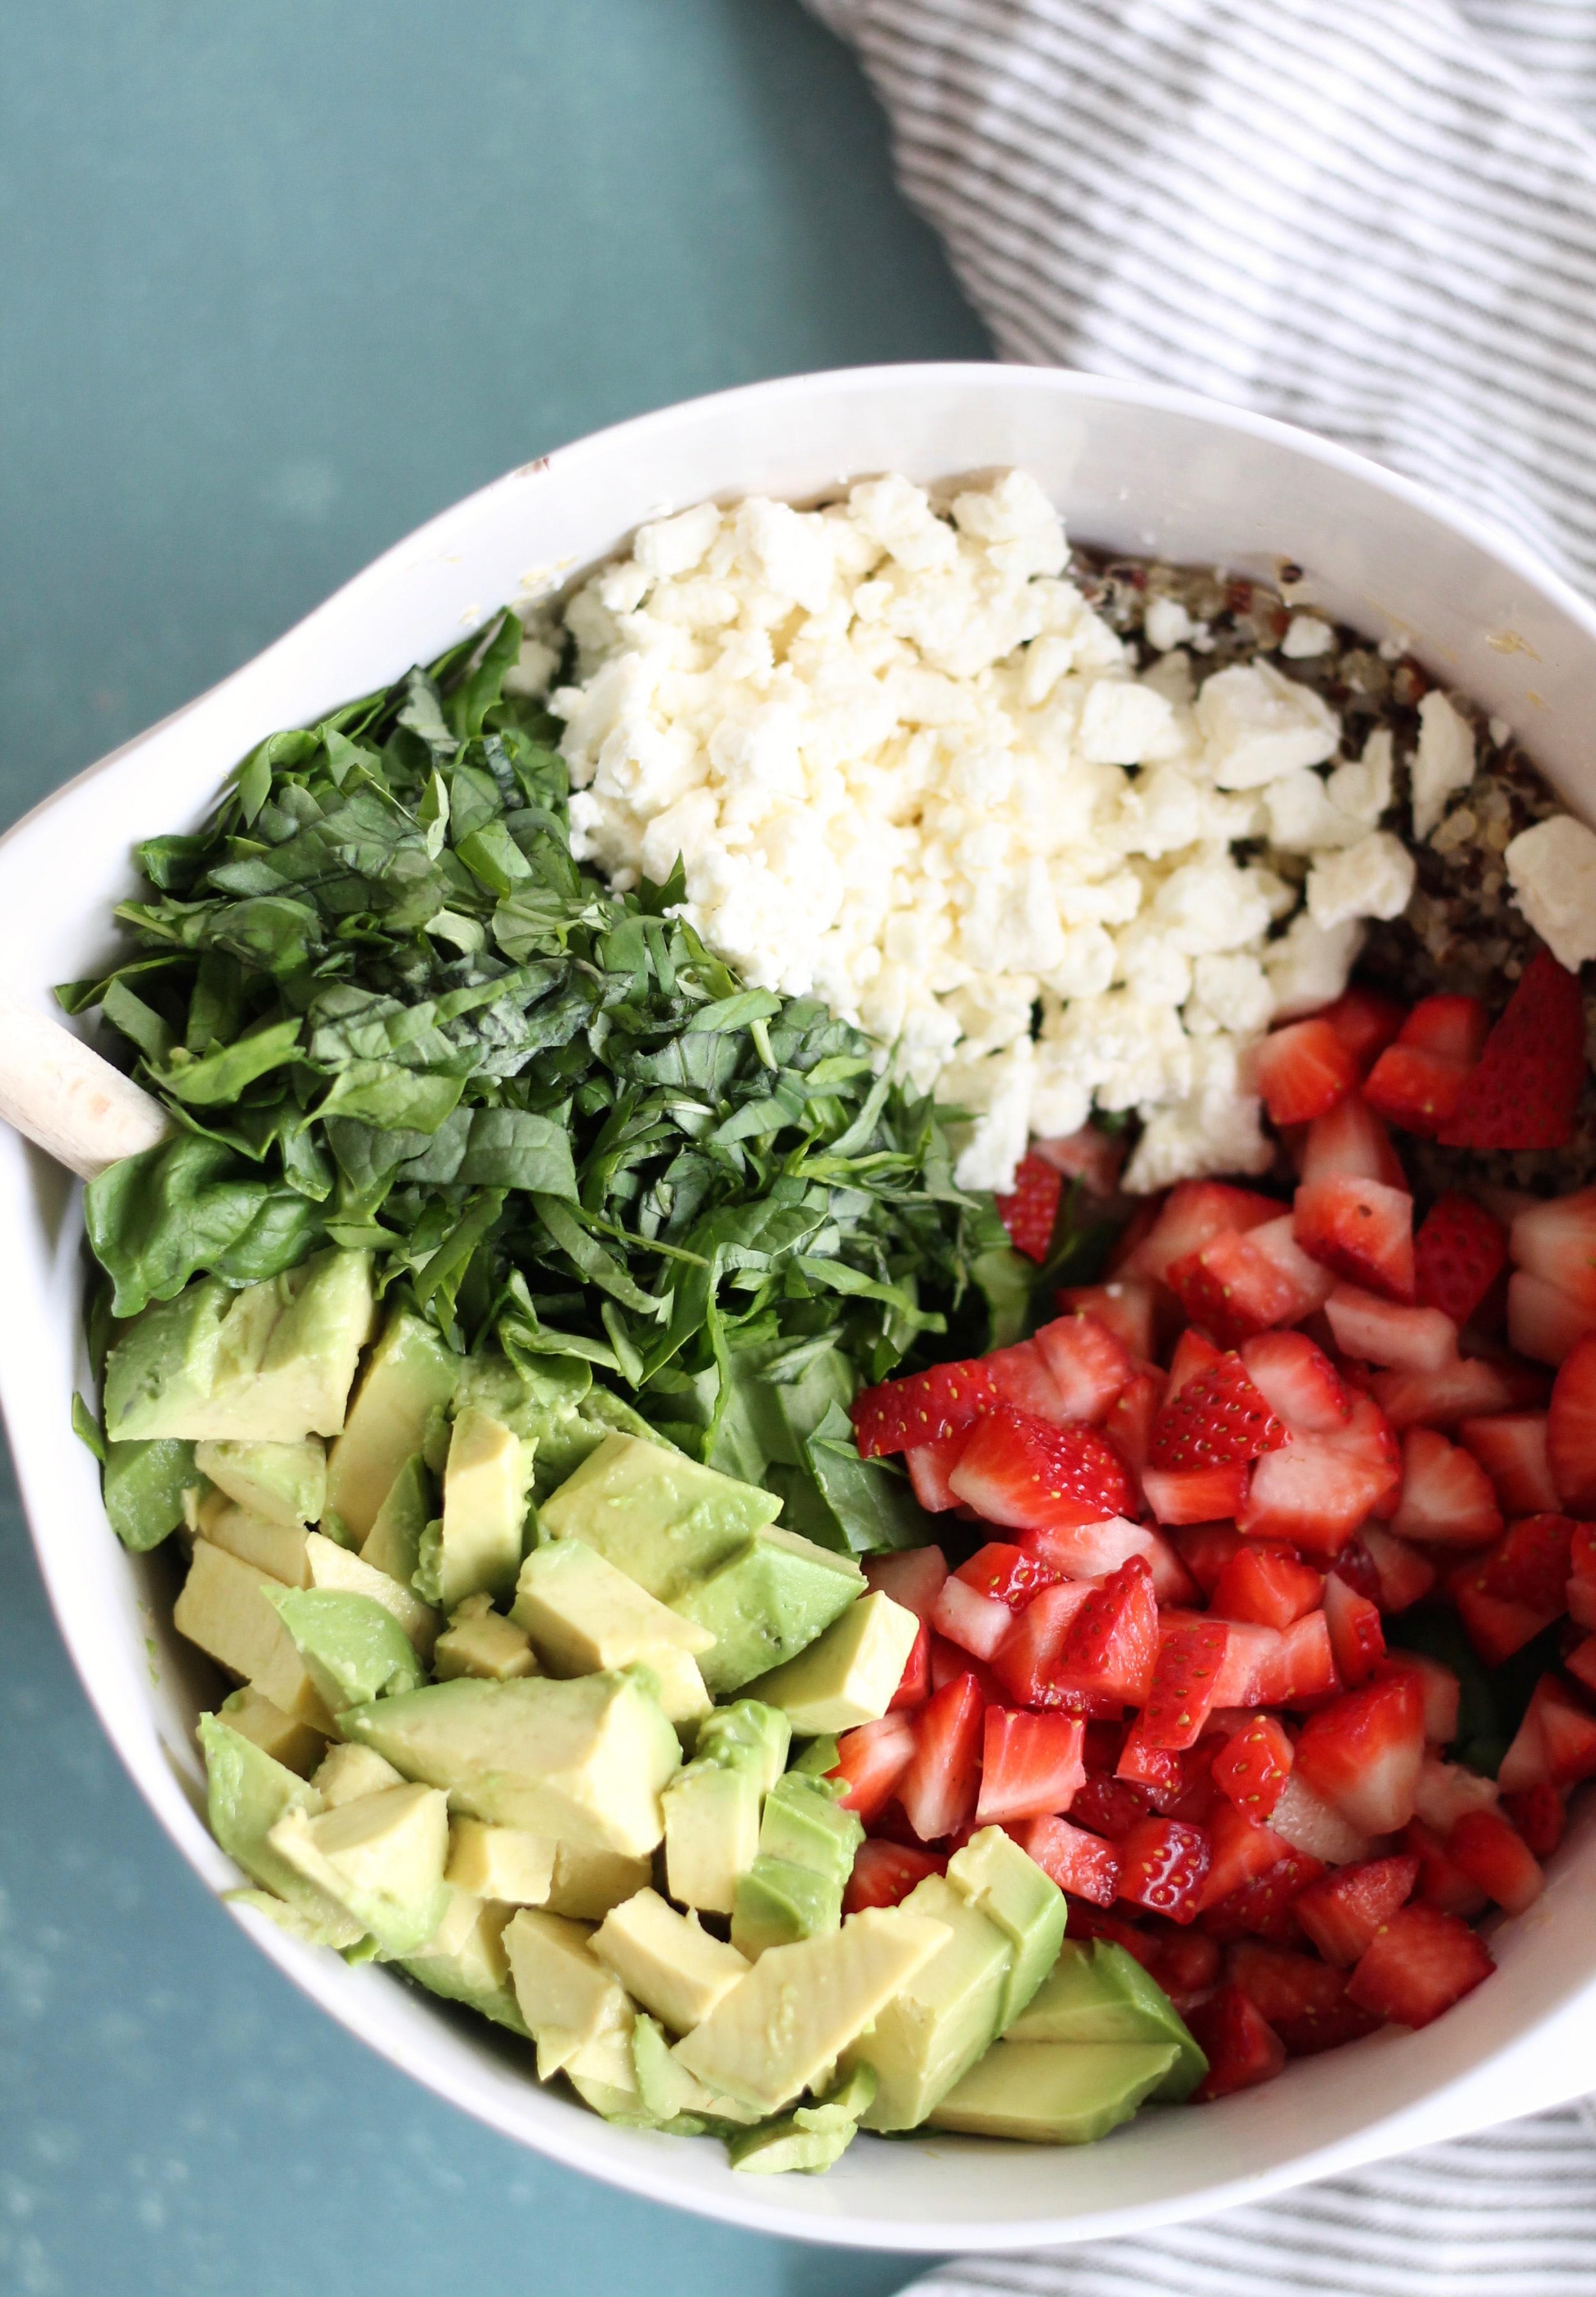 Strawberry Avocado Feta Spinach Quinoa Salad with Basil ...